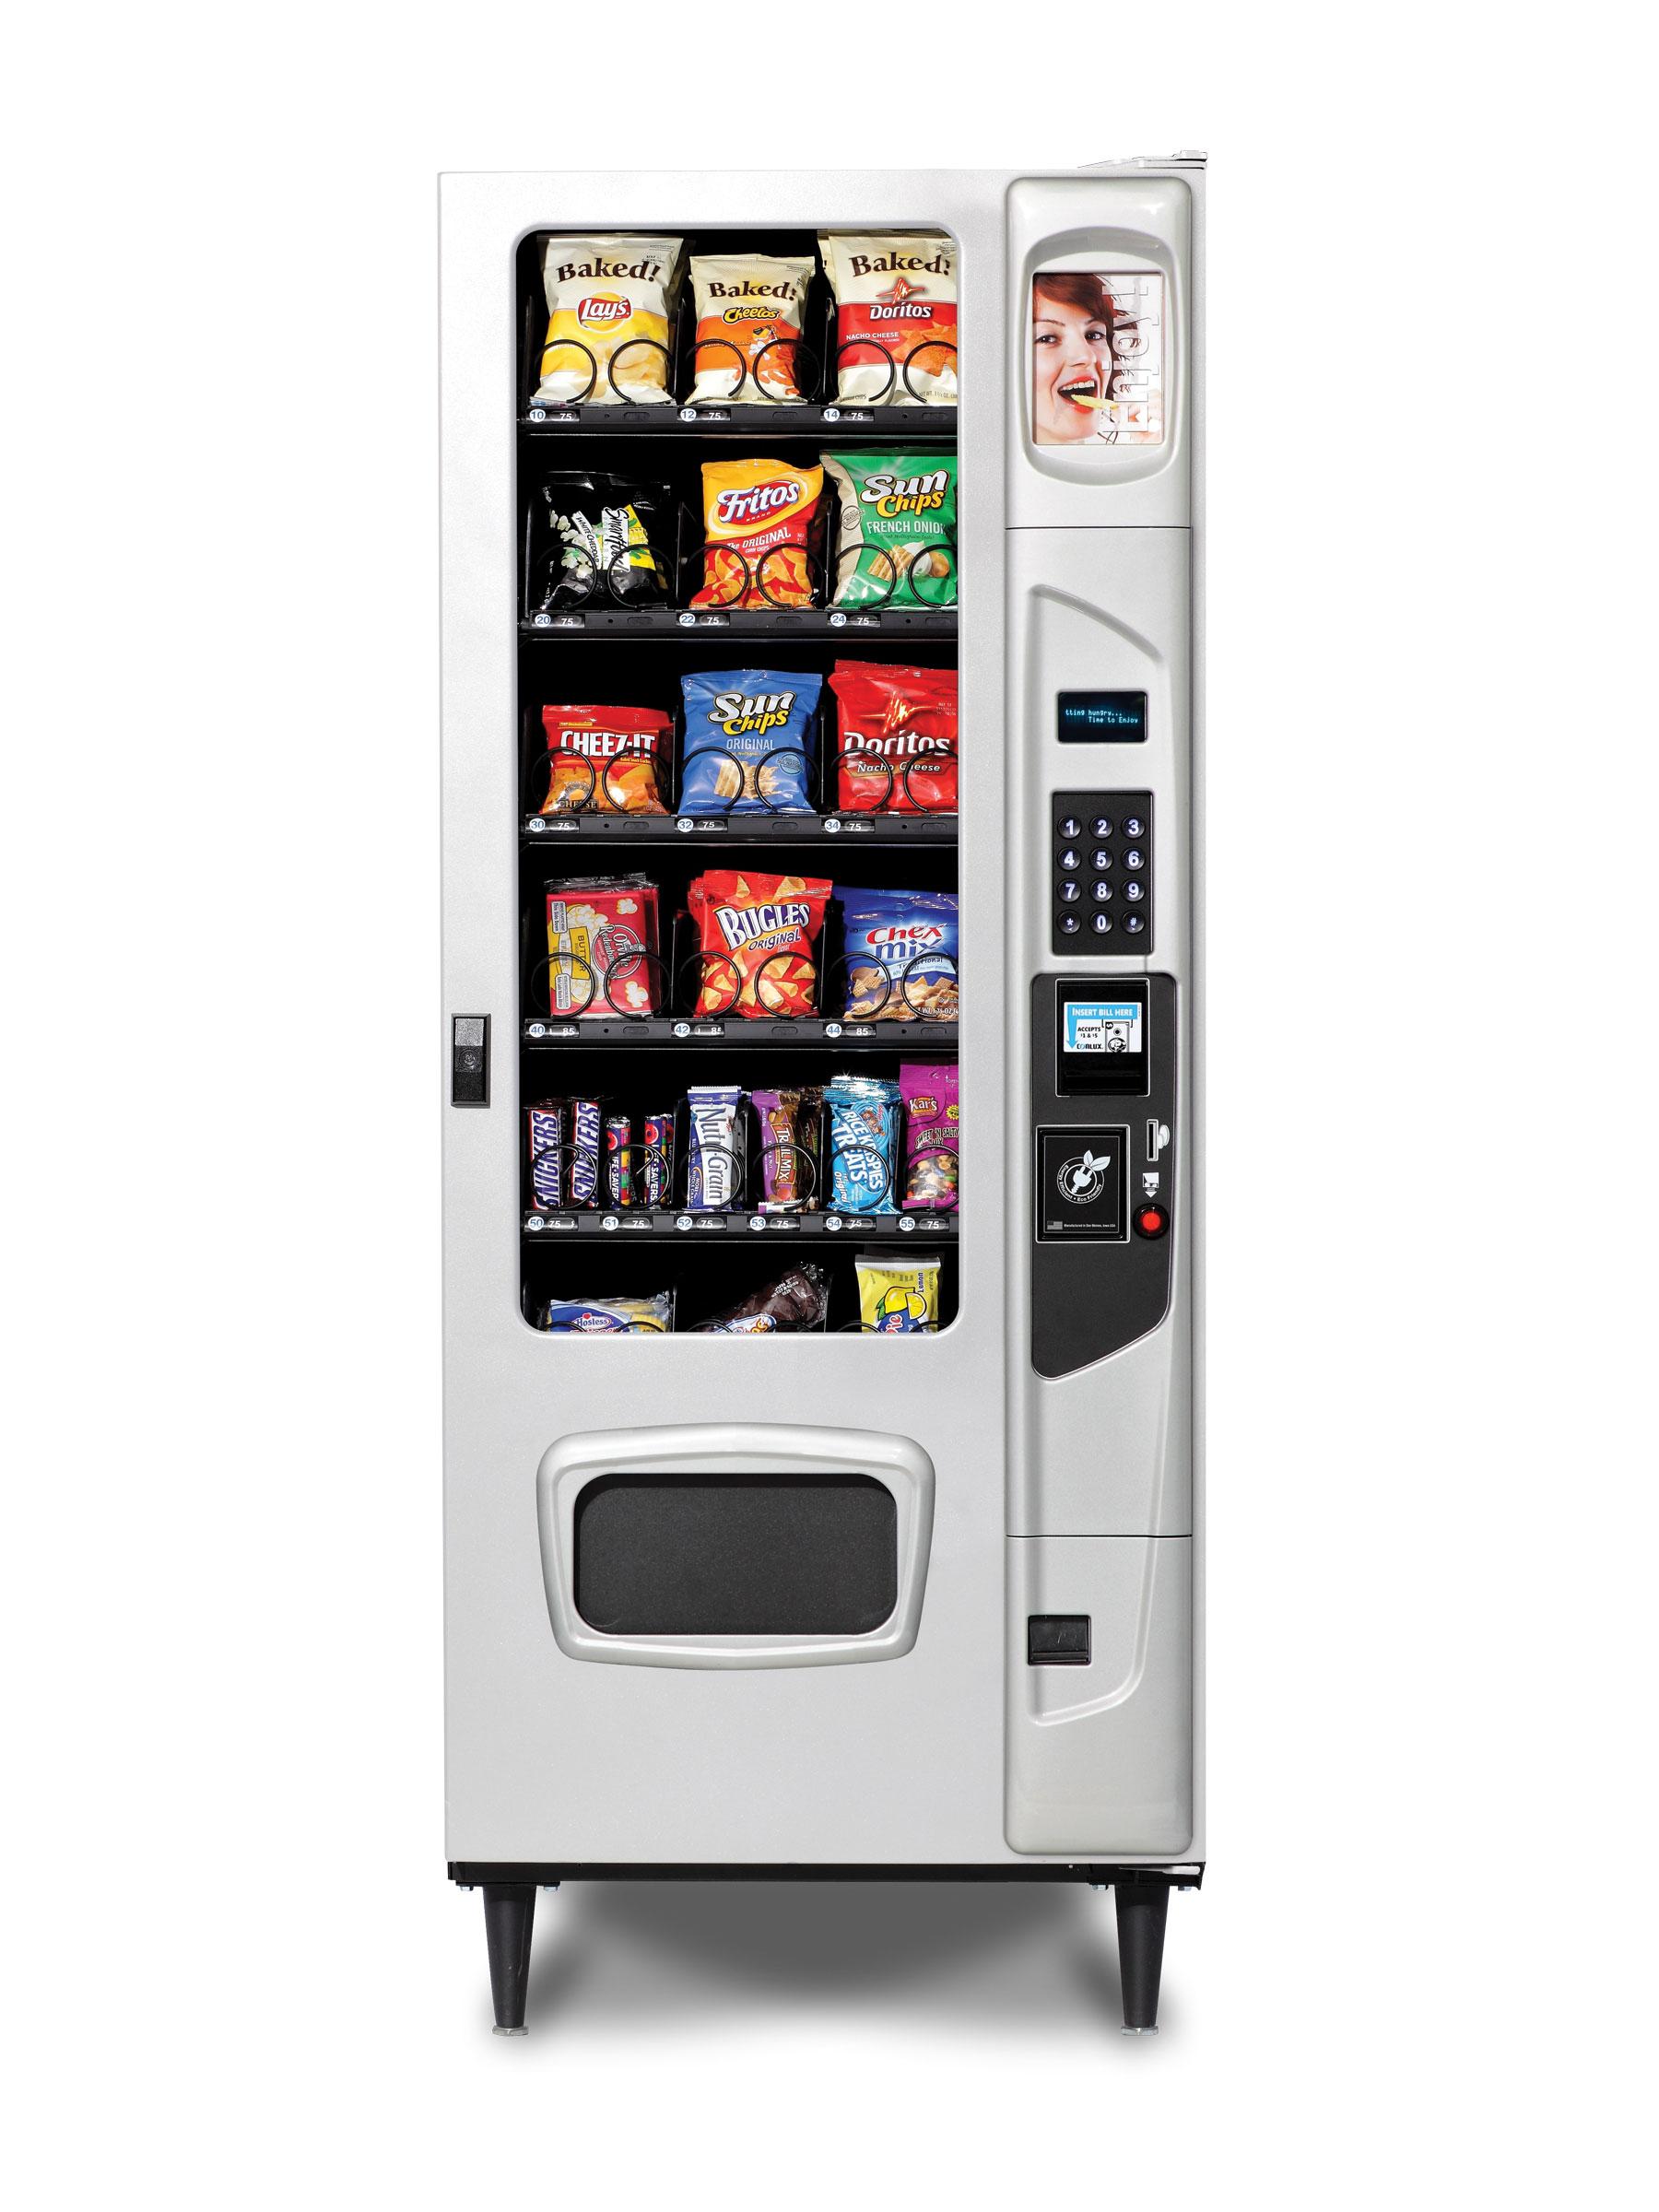 Usi Mercato 3000 3 Wide Southeastern Vending Services